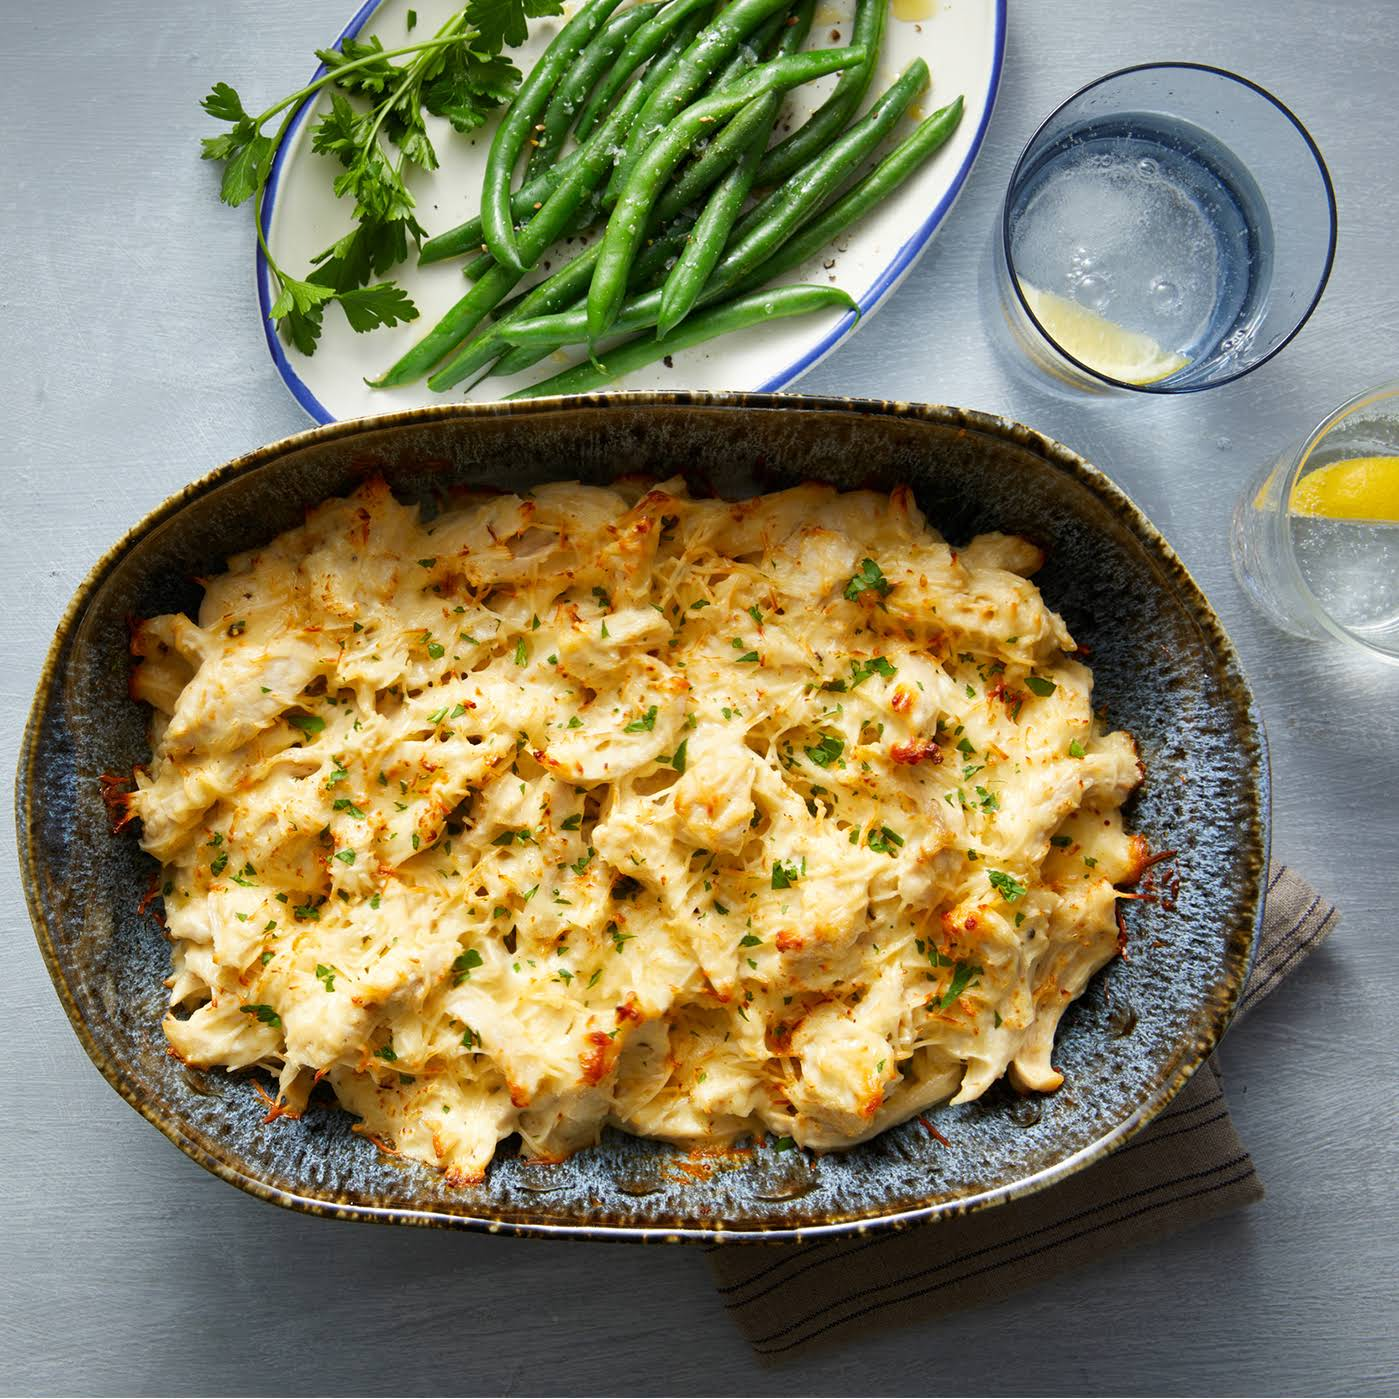 Easy Parmesan Chicken Casserole